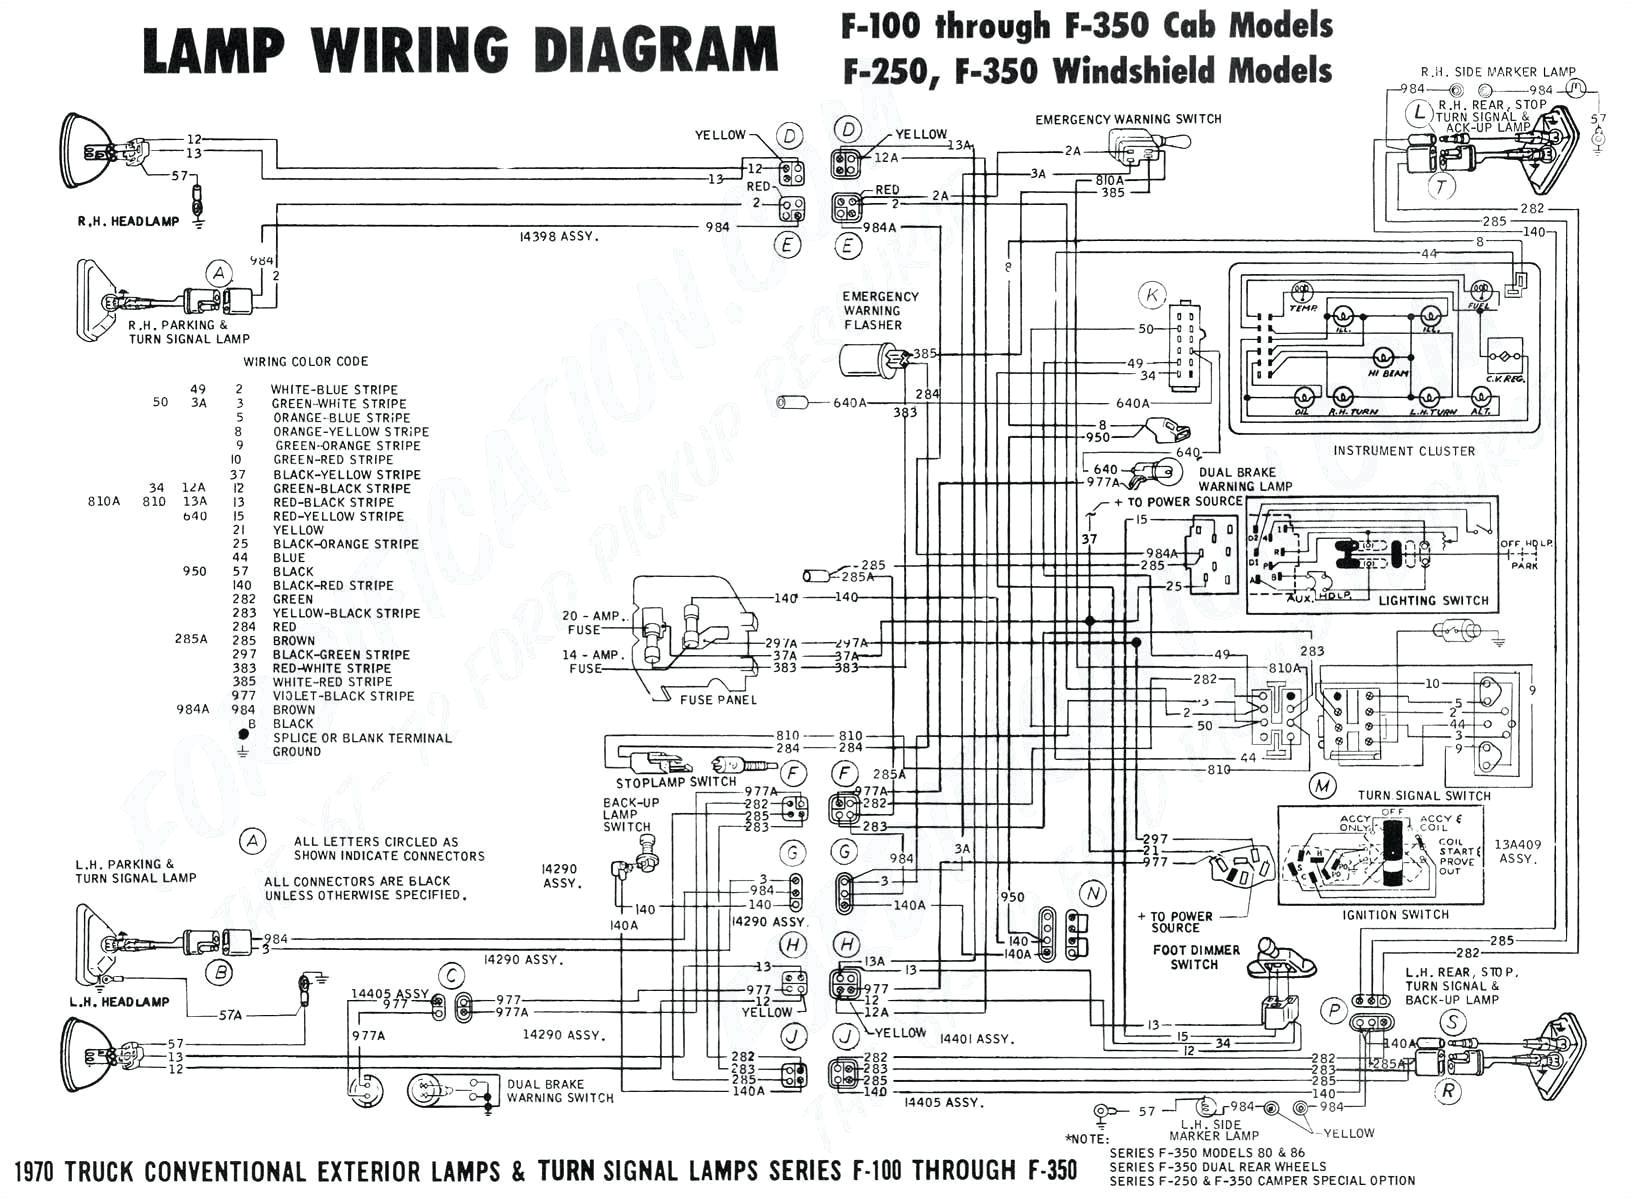 phone wiring diagram nz elegant house wiring diagram in india valid house electrical wiring diagram jpg